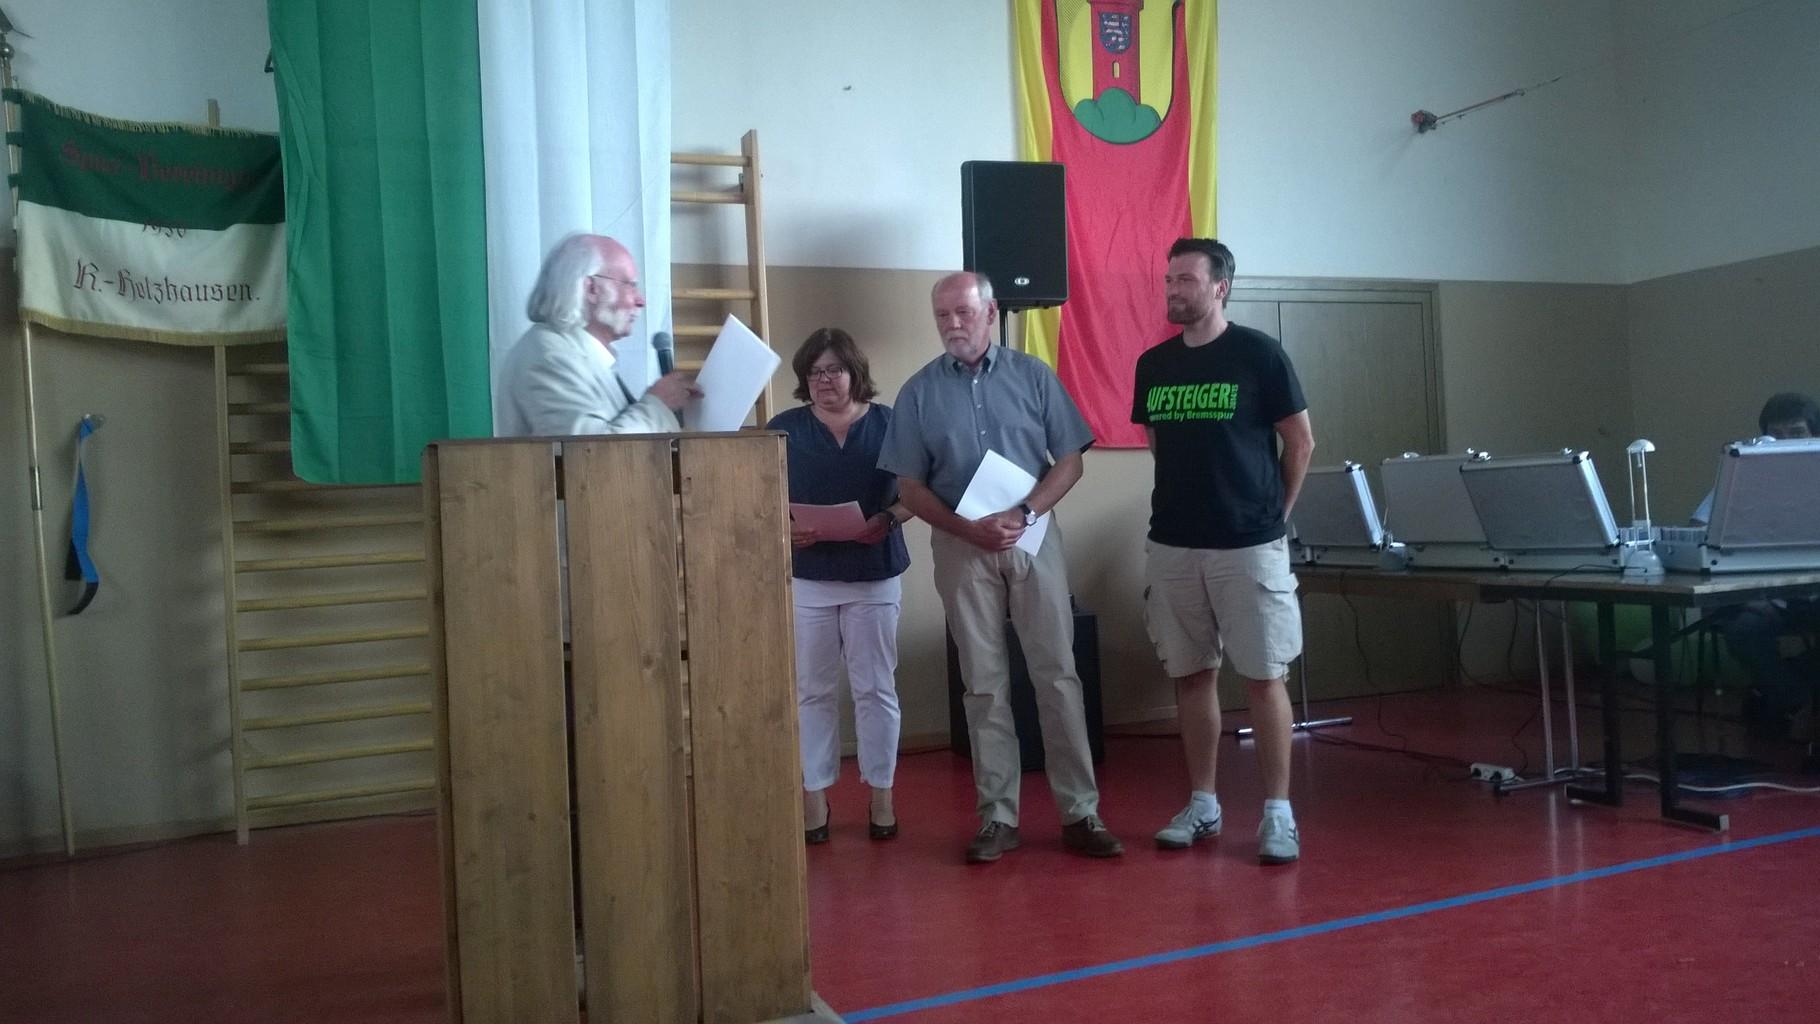 Jürgen Hertlein (Vorsitzender Sportkreis Marburg-Biedenkopf) überreichte die Ehrennadel in Bronze an Georg Hoffmann und die Verdienstnadeln des LsbH an Katja Zweckerl-Jura und Thomas Heckmann